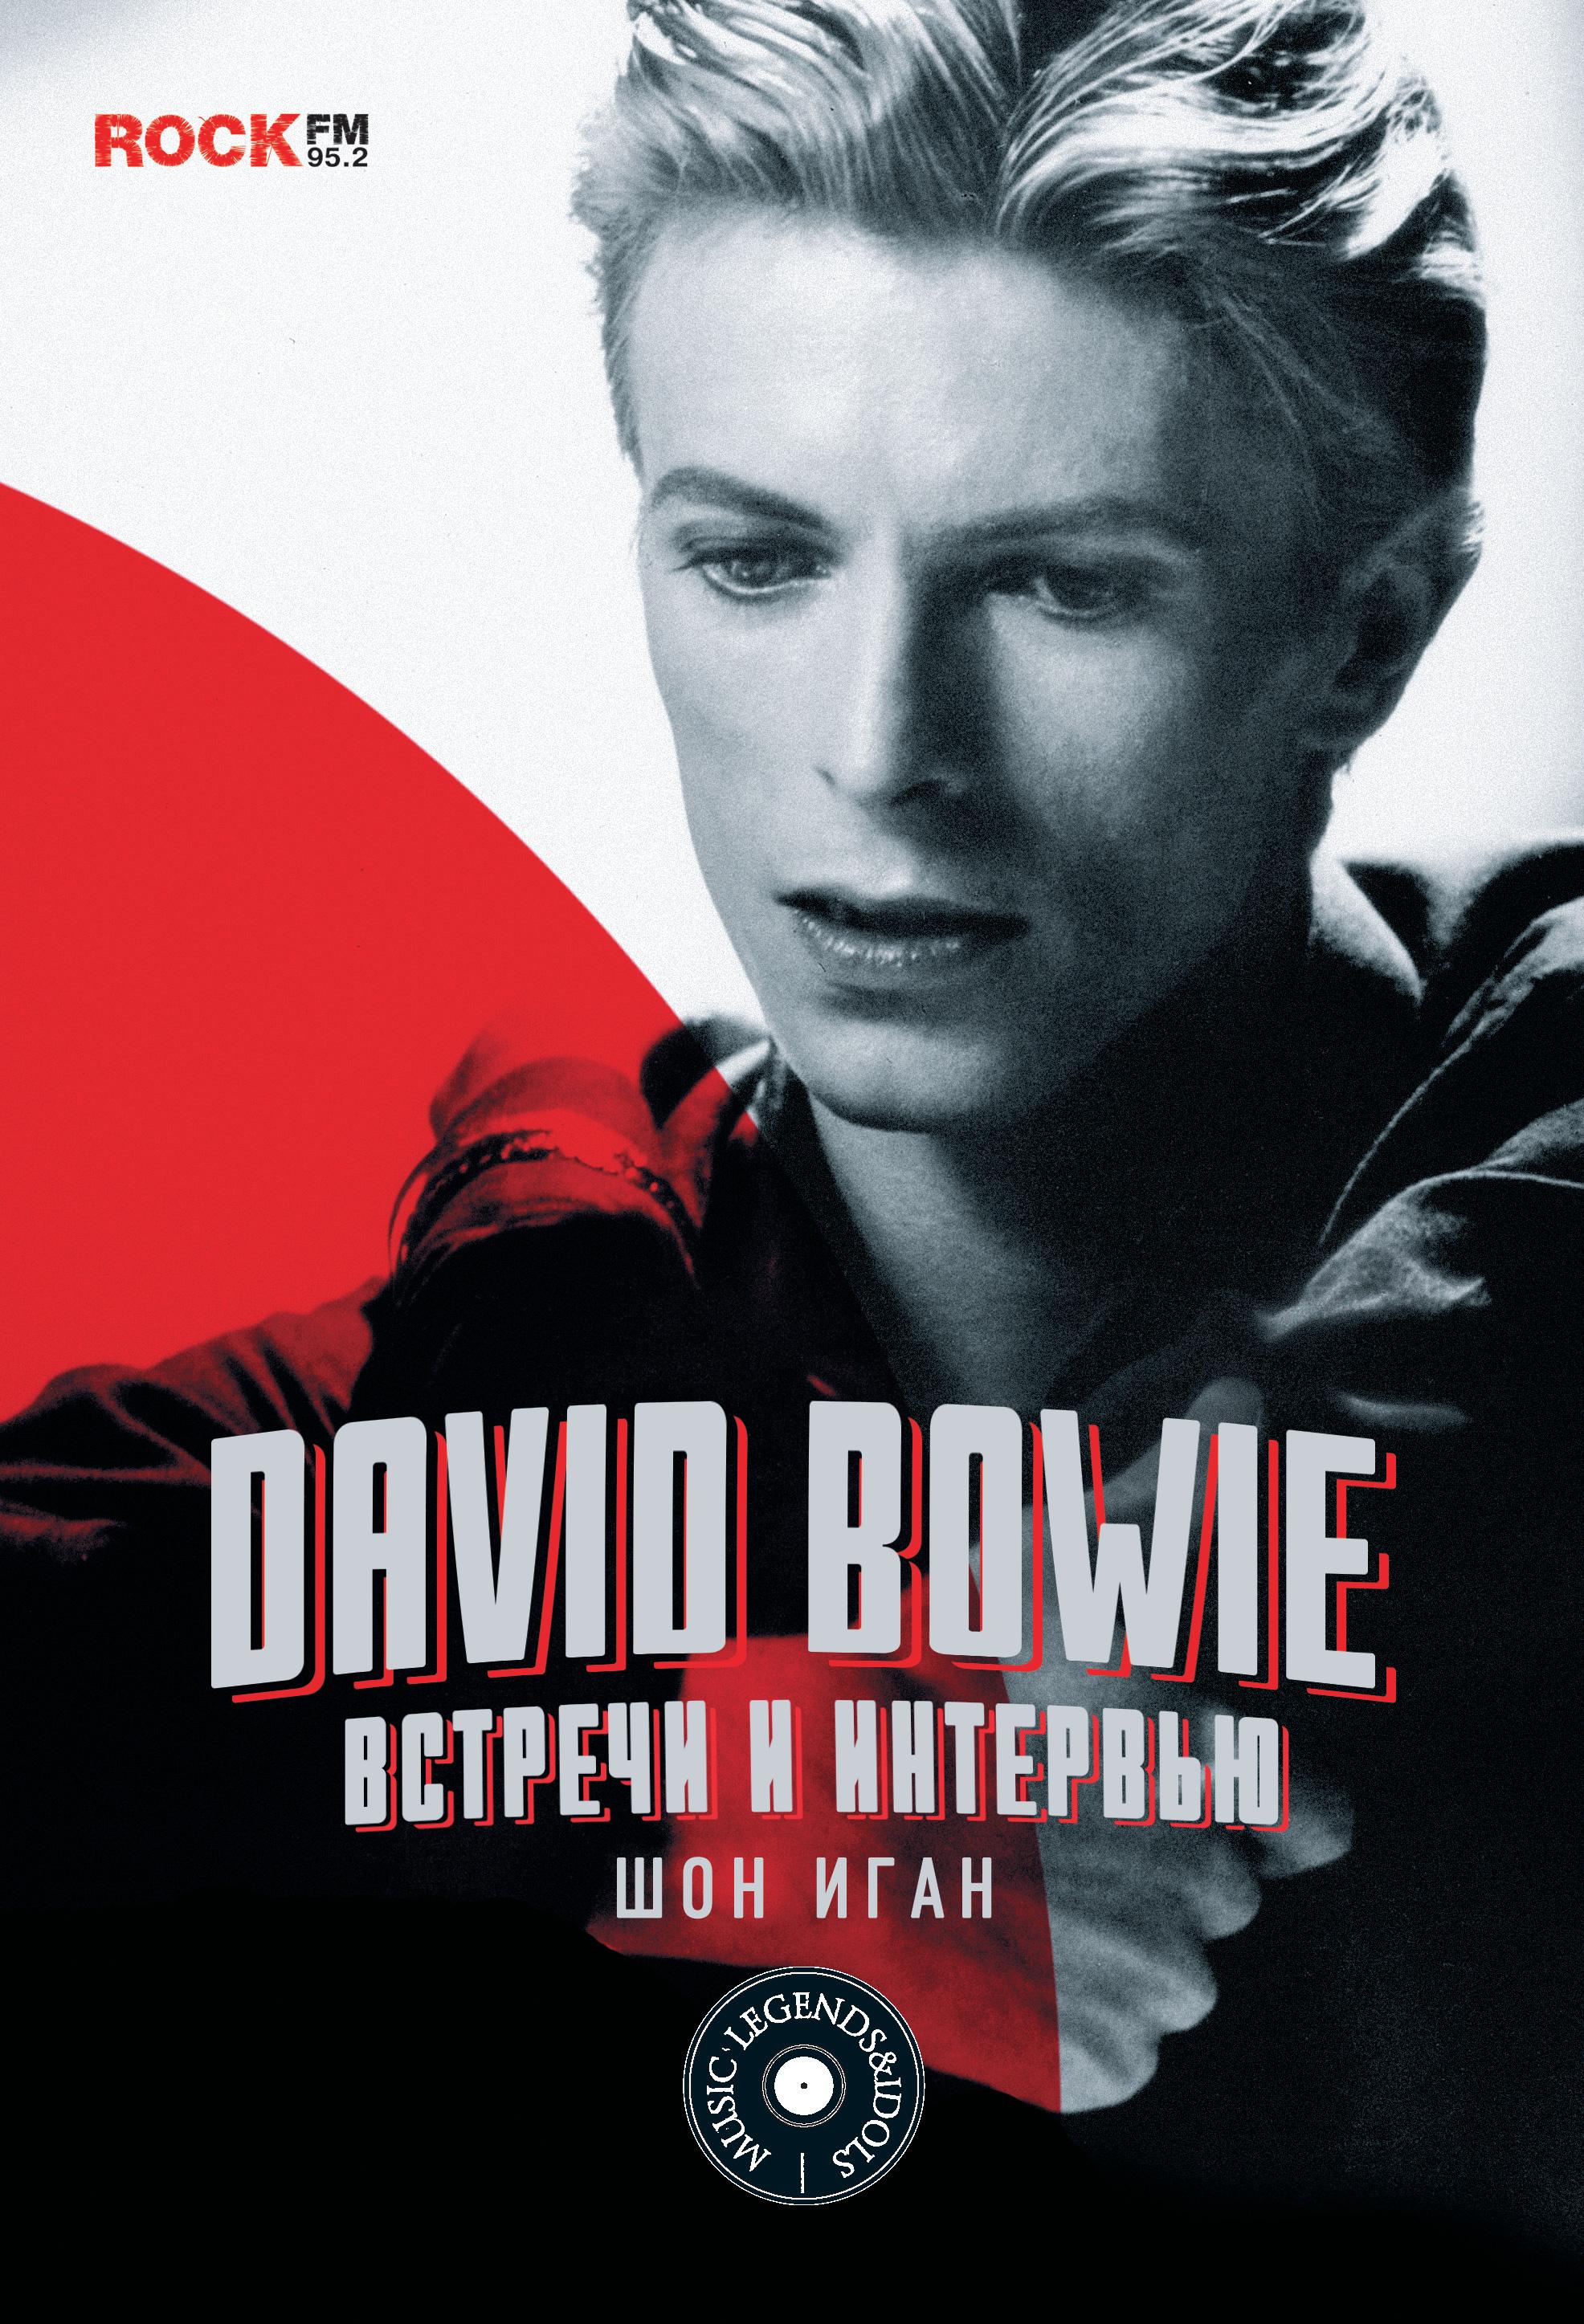 Шон Иган David Bowie: встречи и интервью ароматическая свеча woodwick красная смородина и kедр чаша